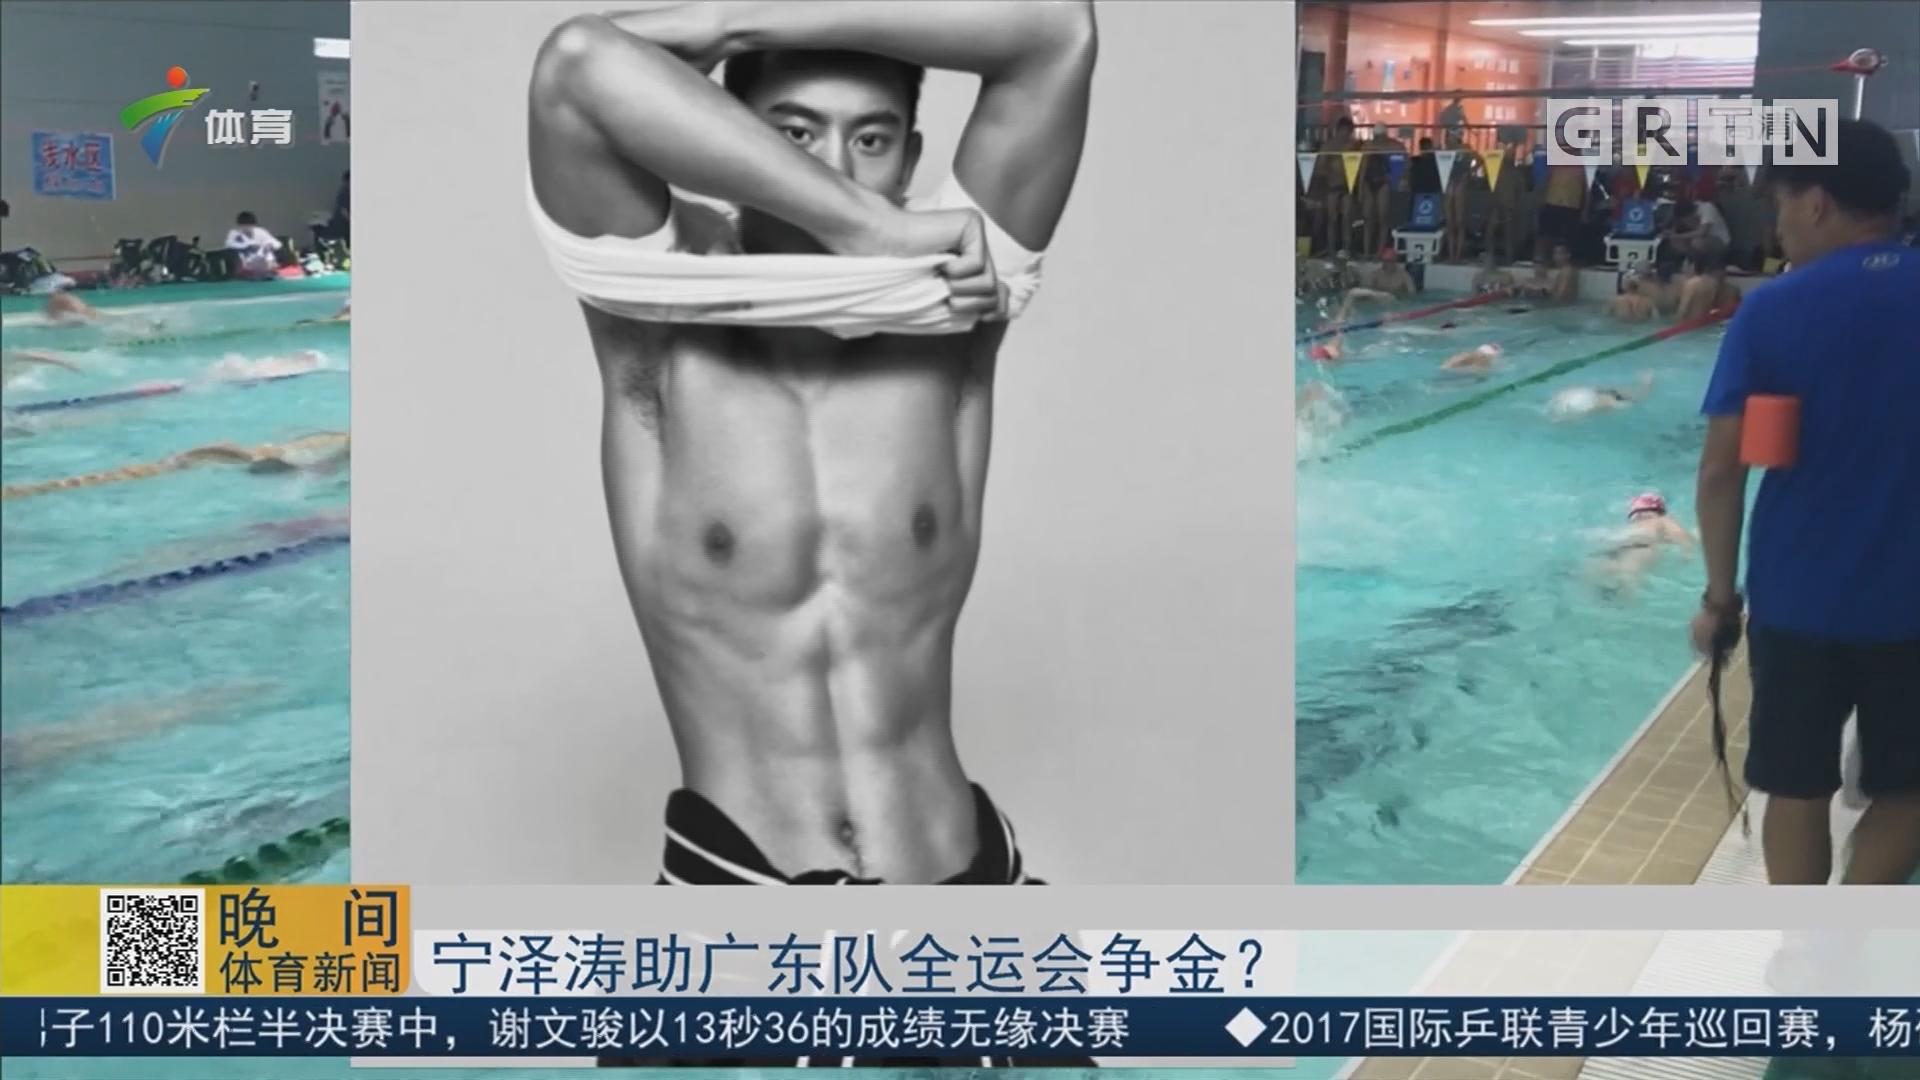 宁泽涛全运会助广东队争金?